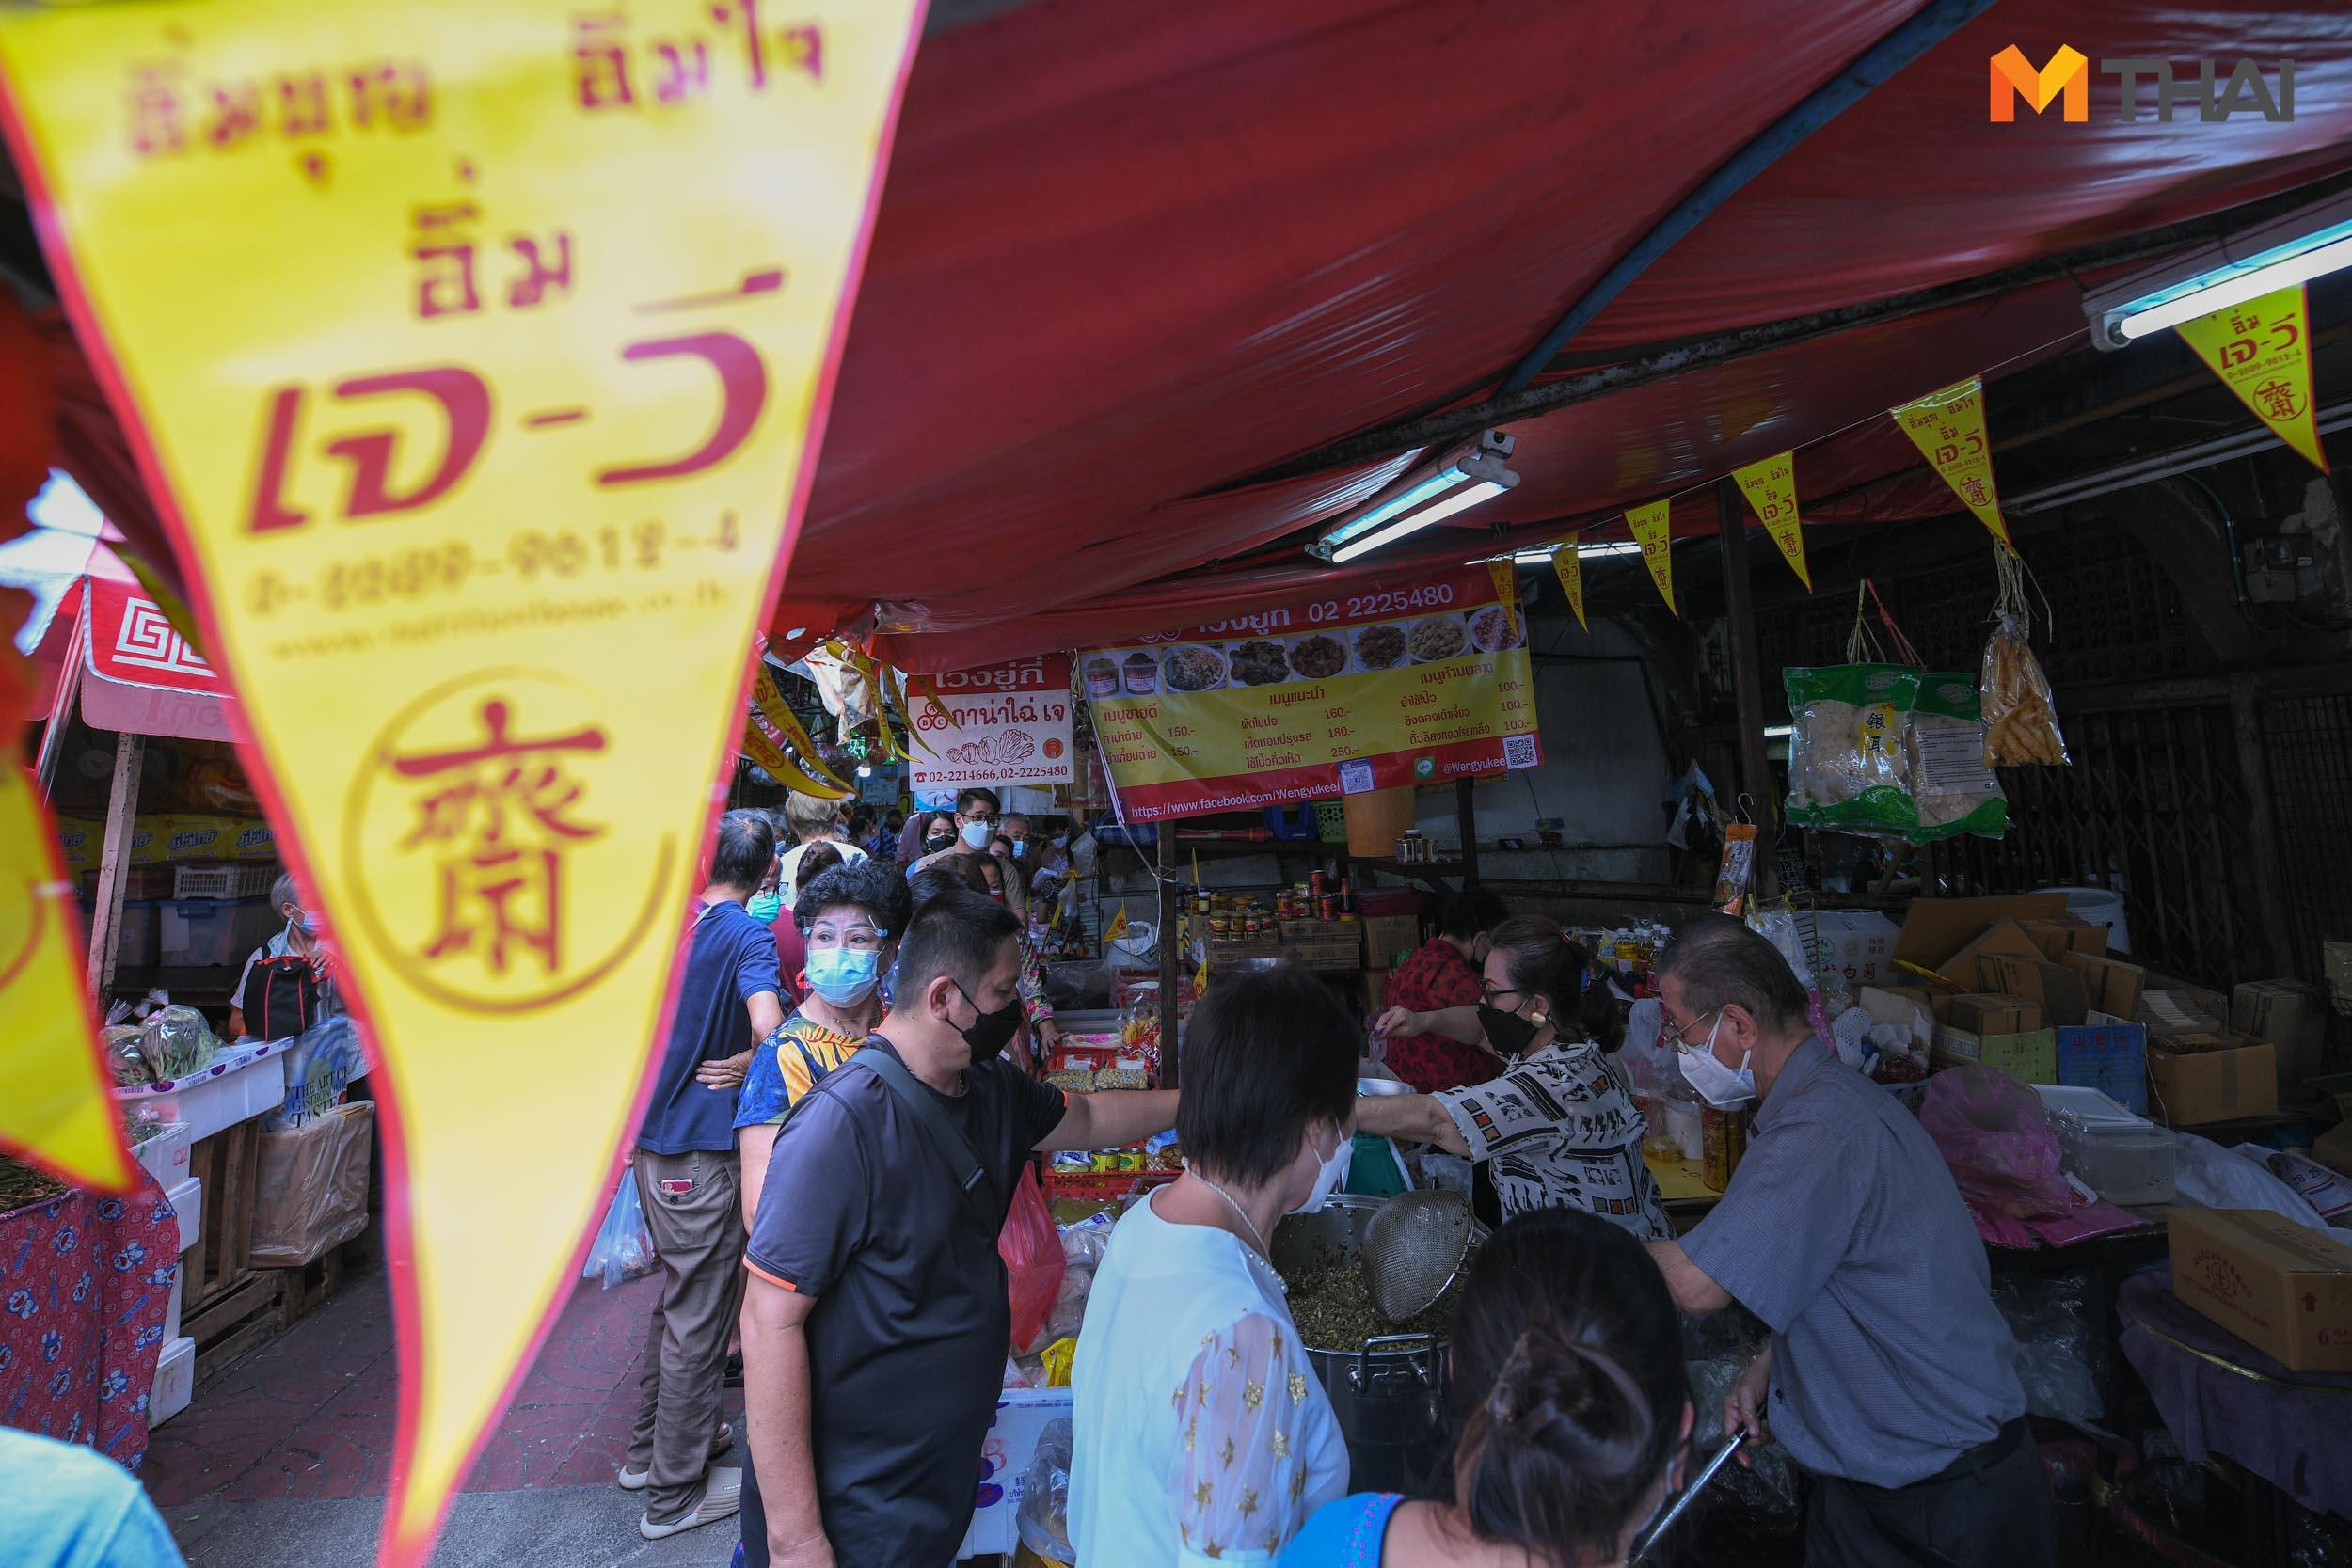 กินเจ เทศกาลกินเจ เทศกาลกินเจกรุงเทพ เยาวราช